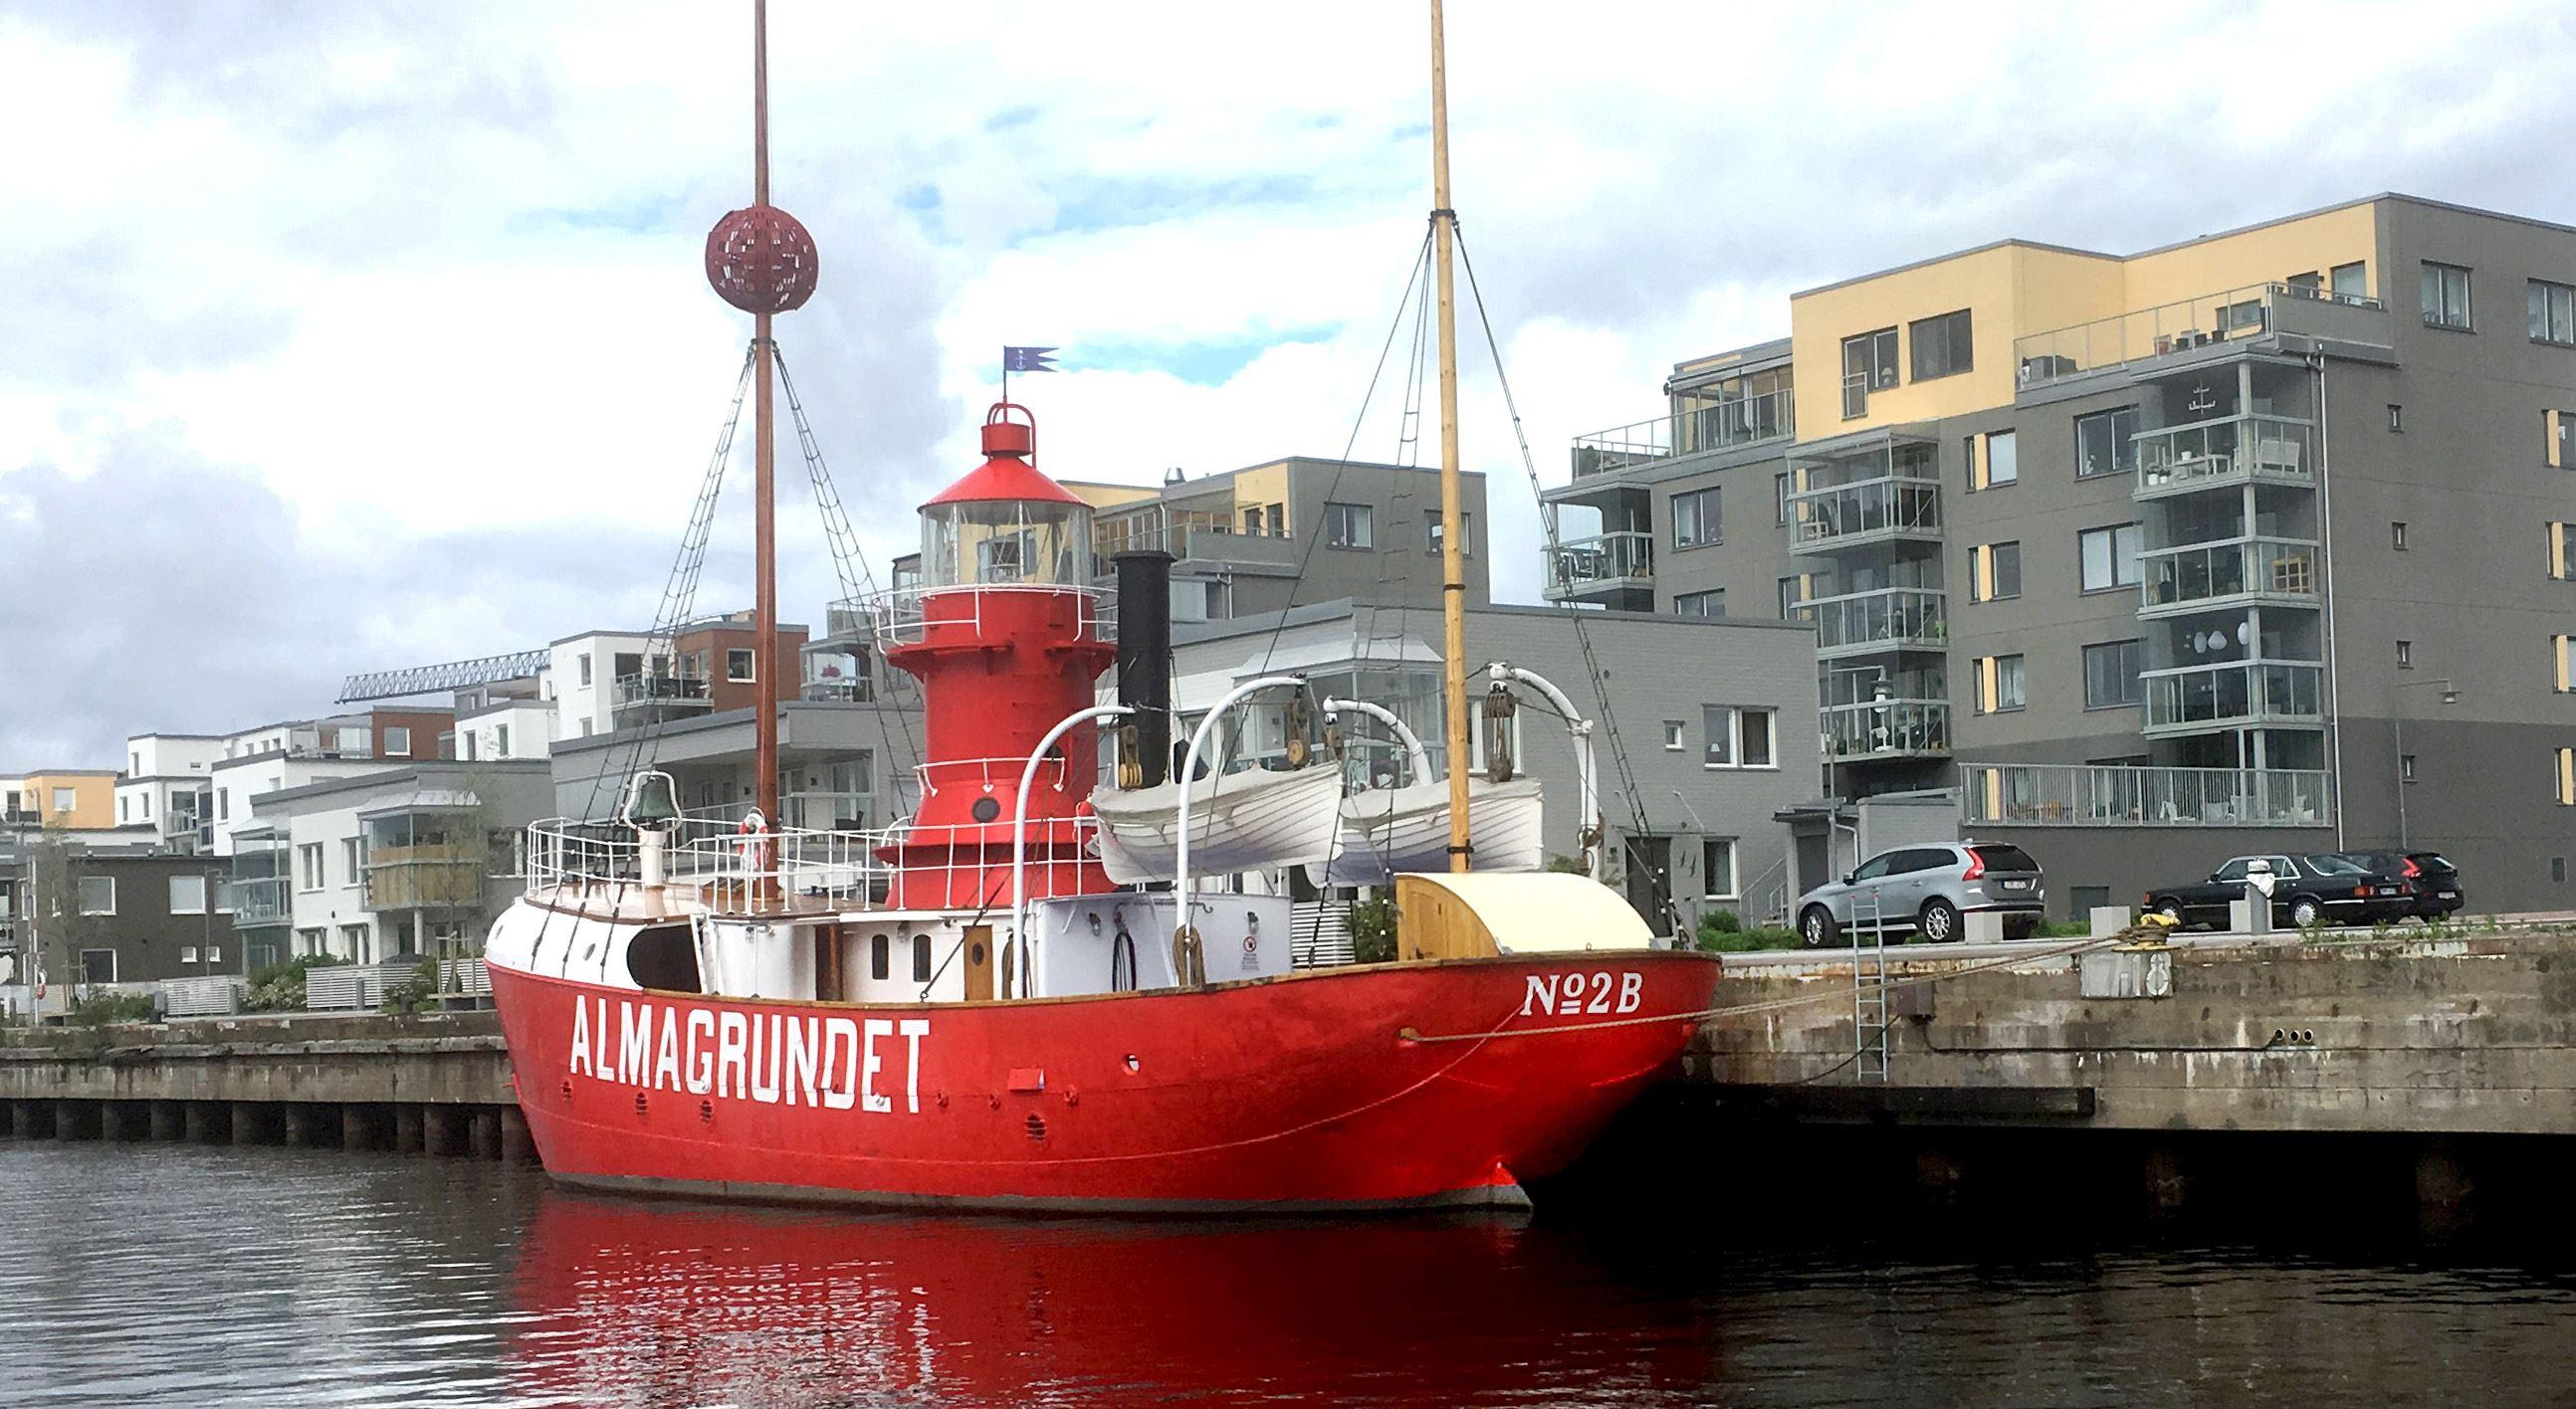 Stadsvandring - Fyrskepp och havsvisor på Almagrundet